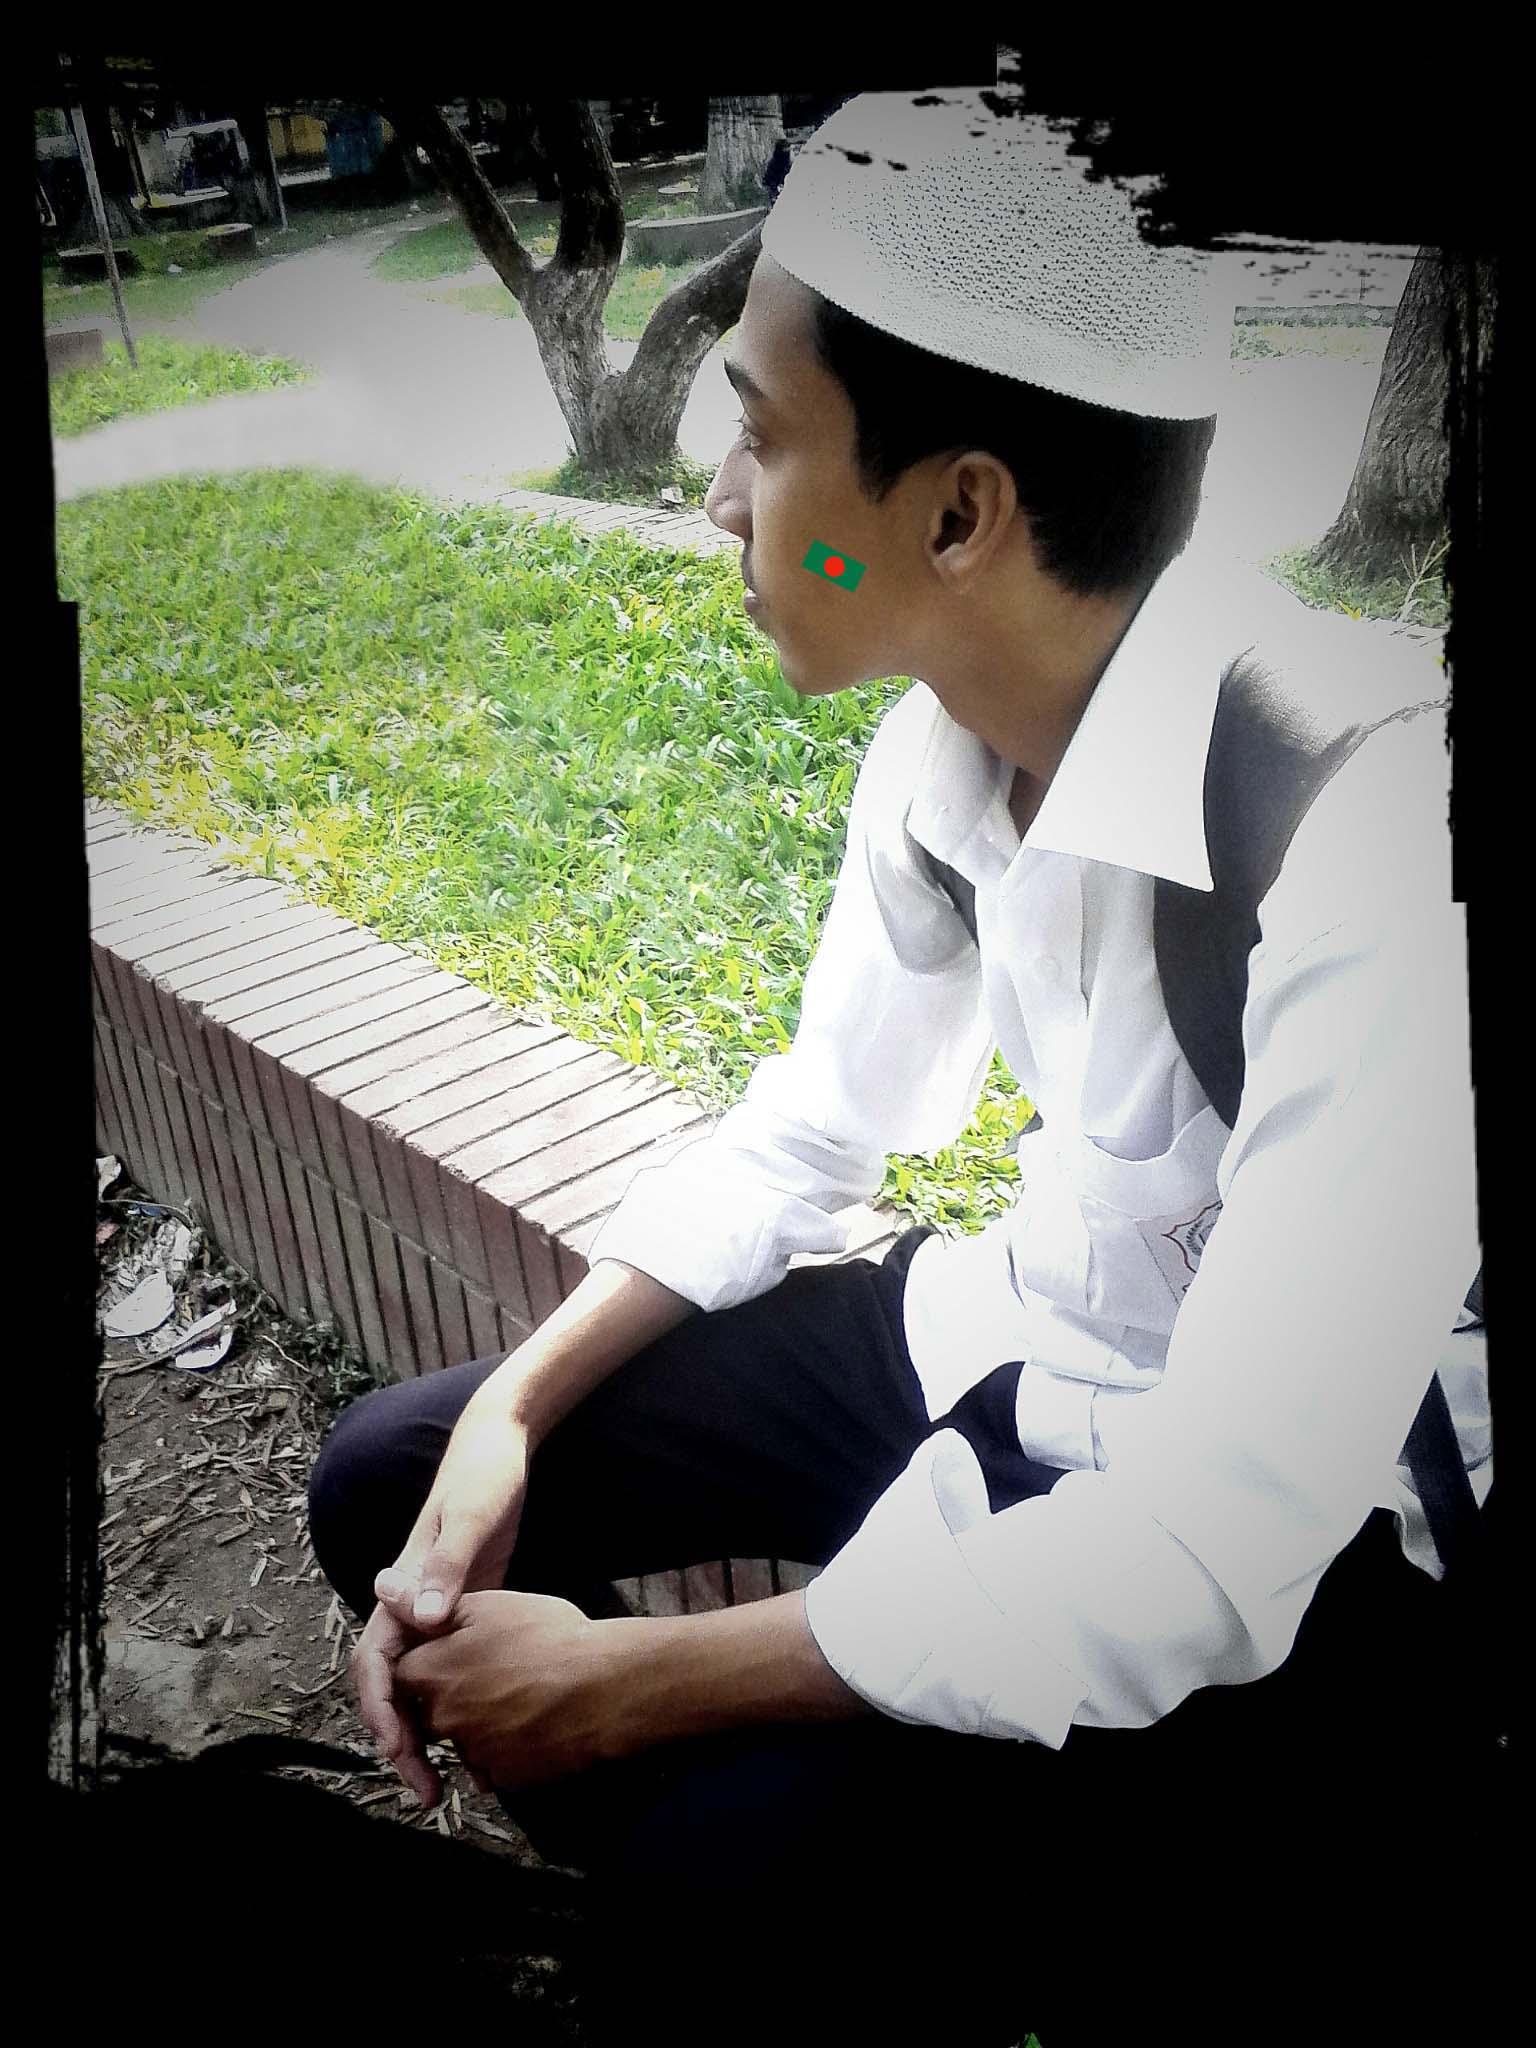 Md. Mezbah Uddin